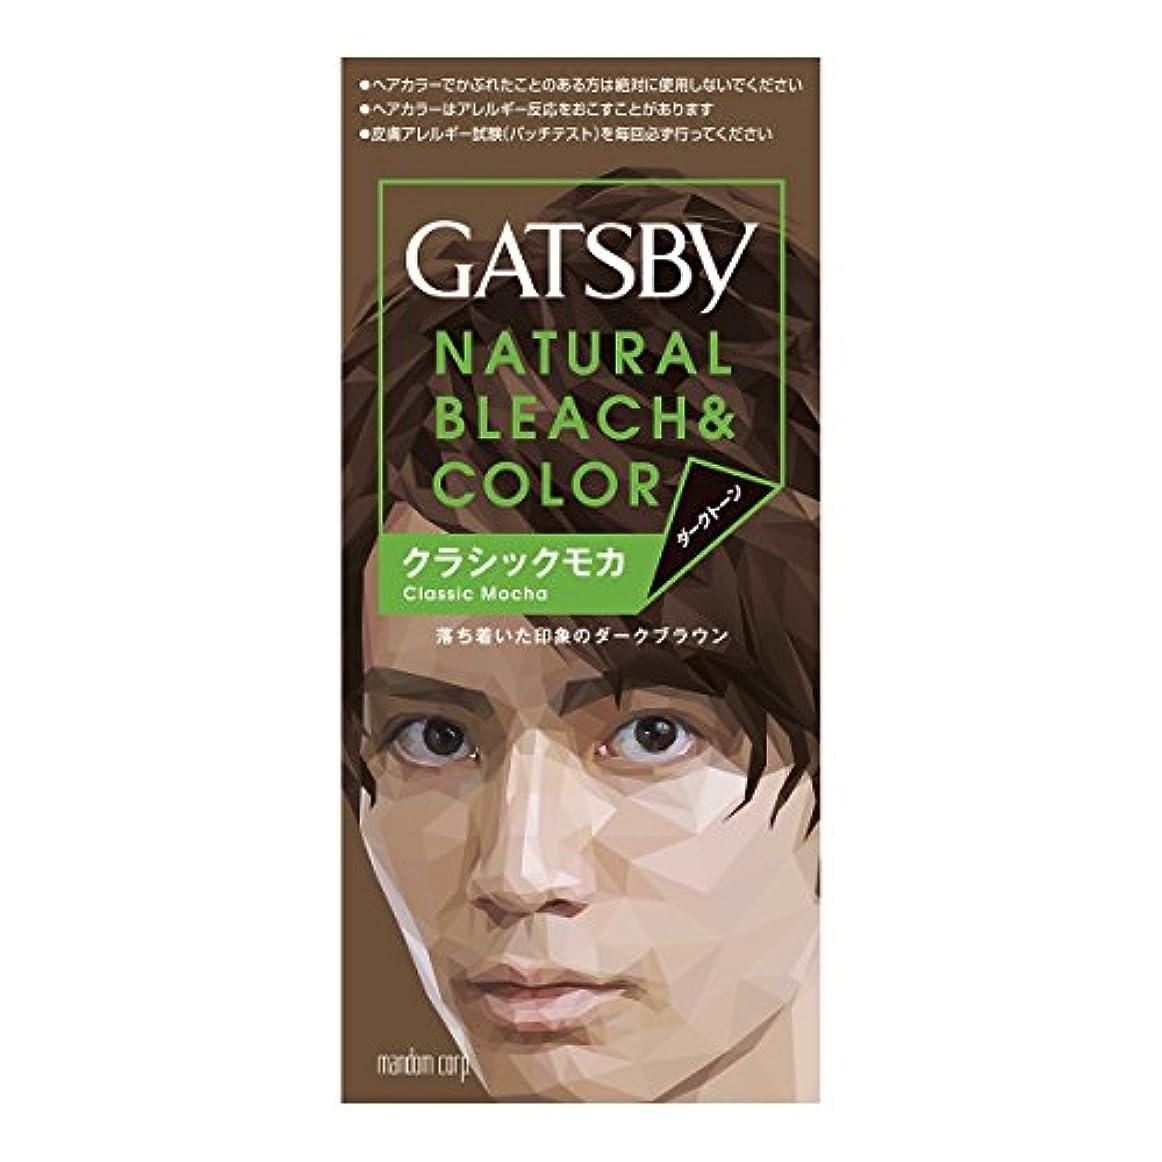 毒液和解する段落GATSBY(ギャツビー) ナチュラルブリーチカラー クラシックモカ 1剤35g 2剤70mL [医薬部外品]